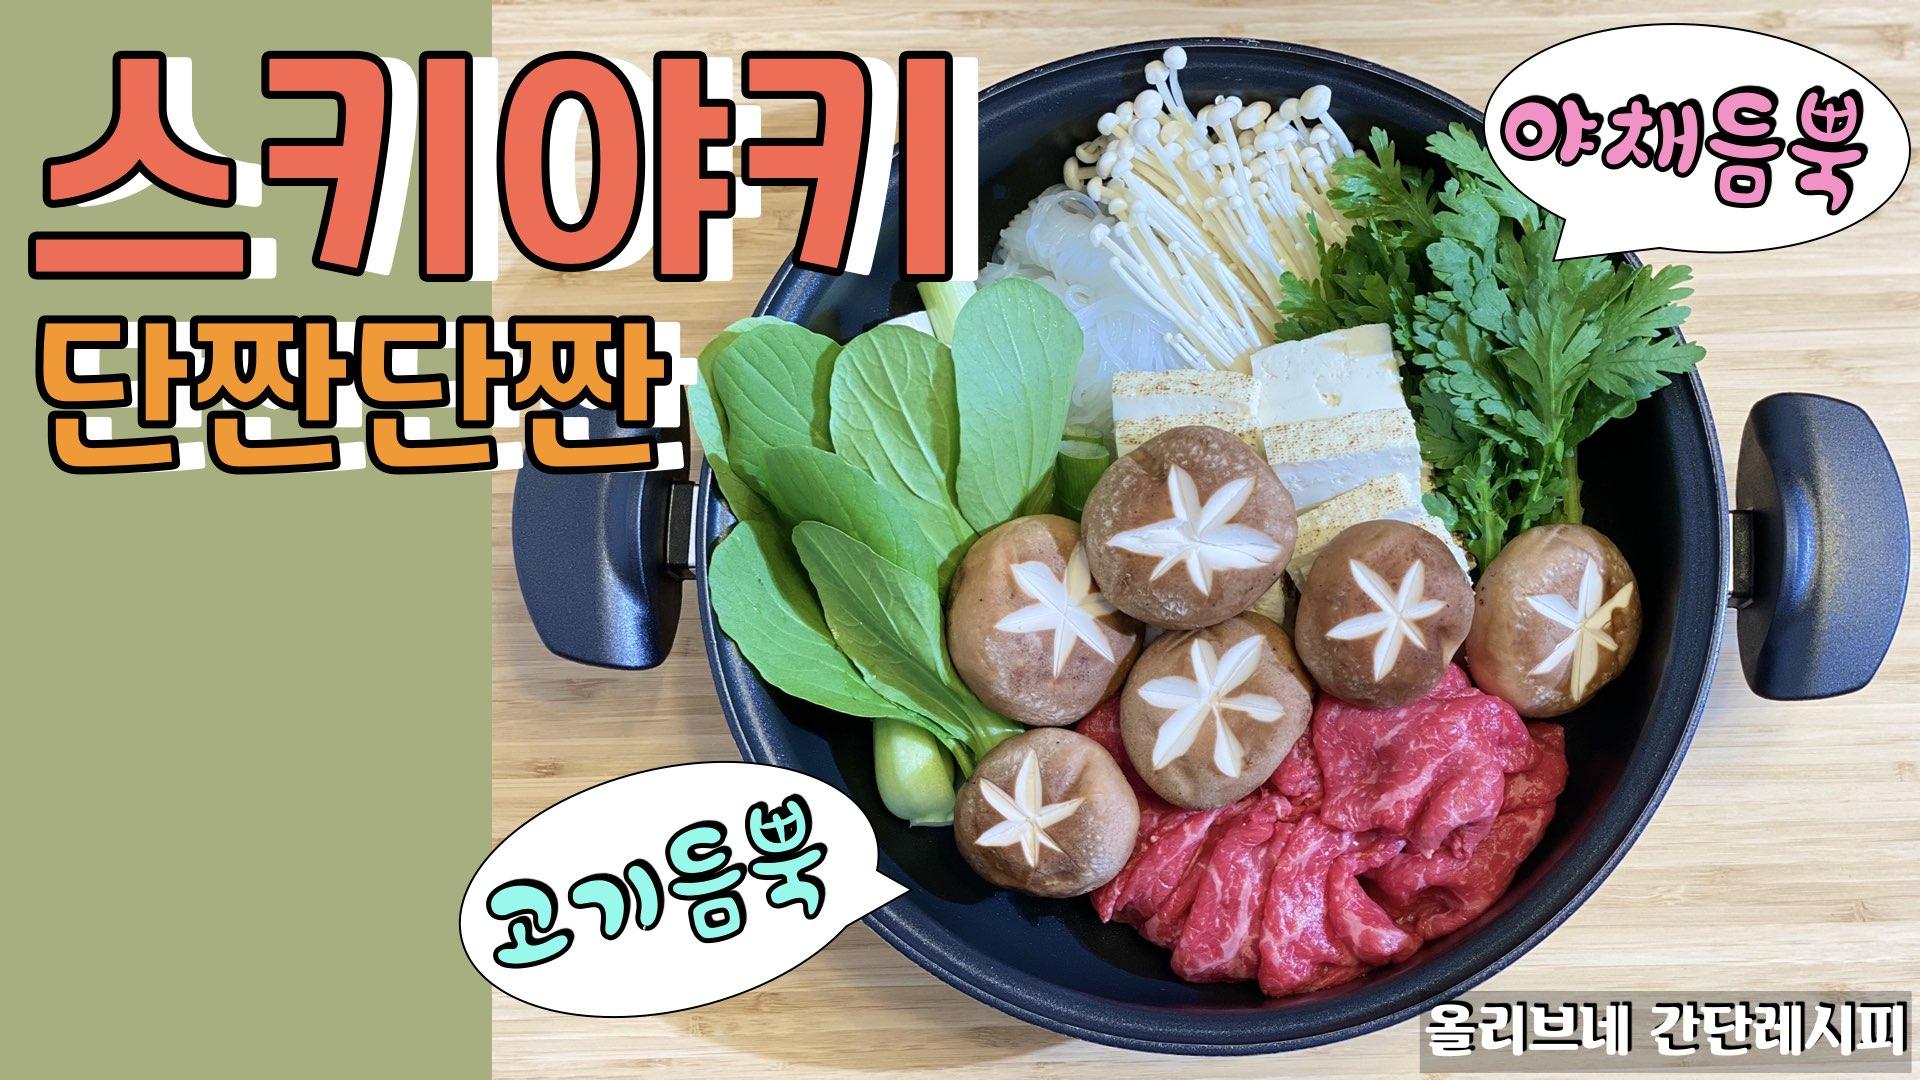 올리브네 간단레시피 | 단짠단짠 스키야키, 야채 듬뿍 고기 듬뿍 정말 맛있어요 | 일본요리 | 나베요리